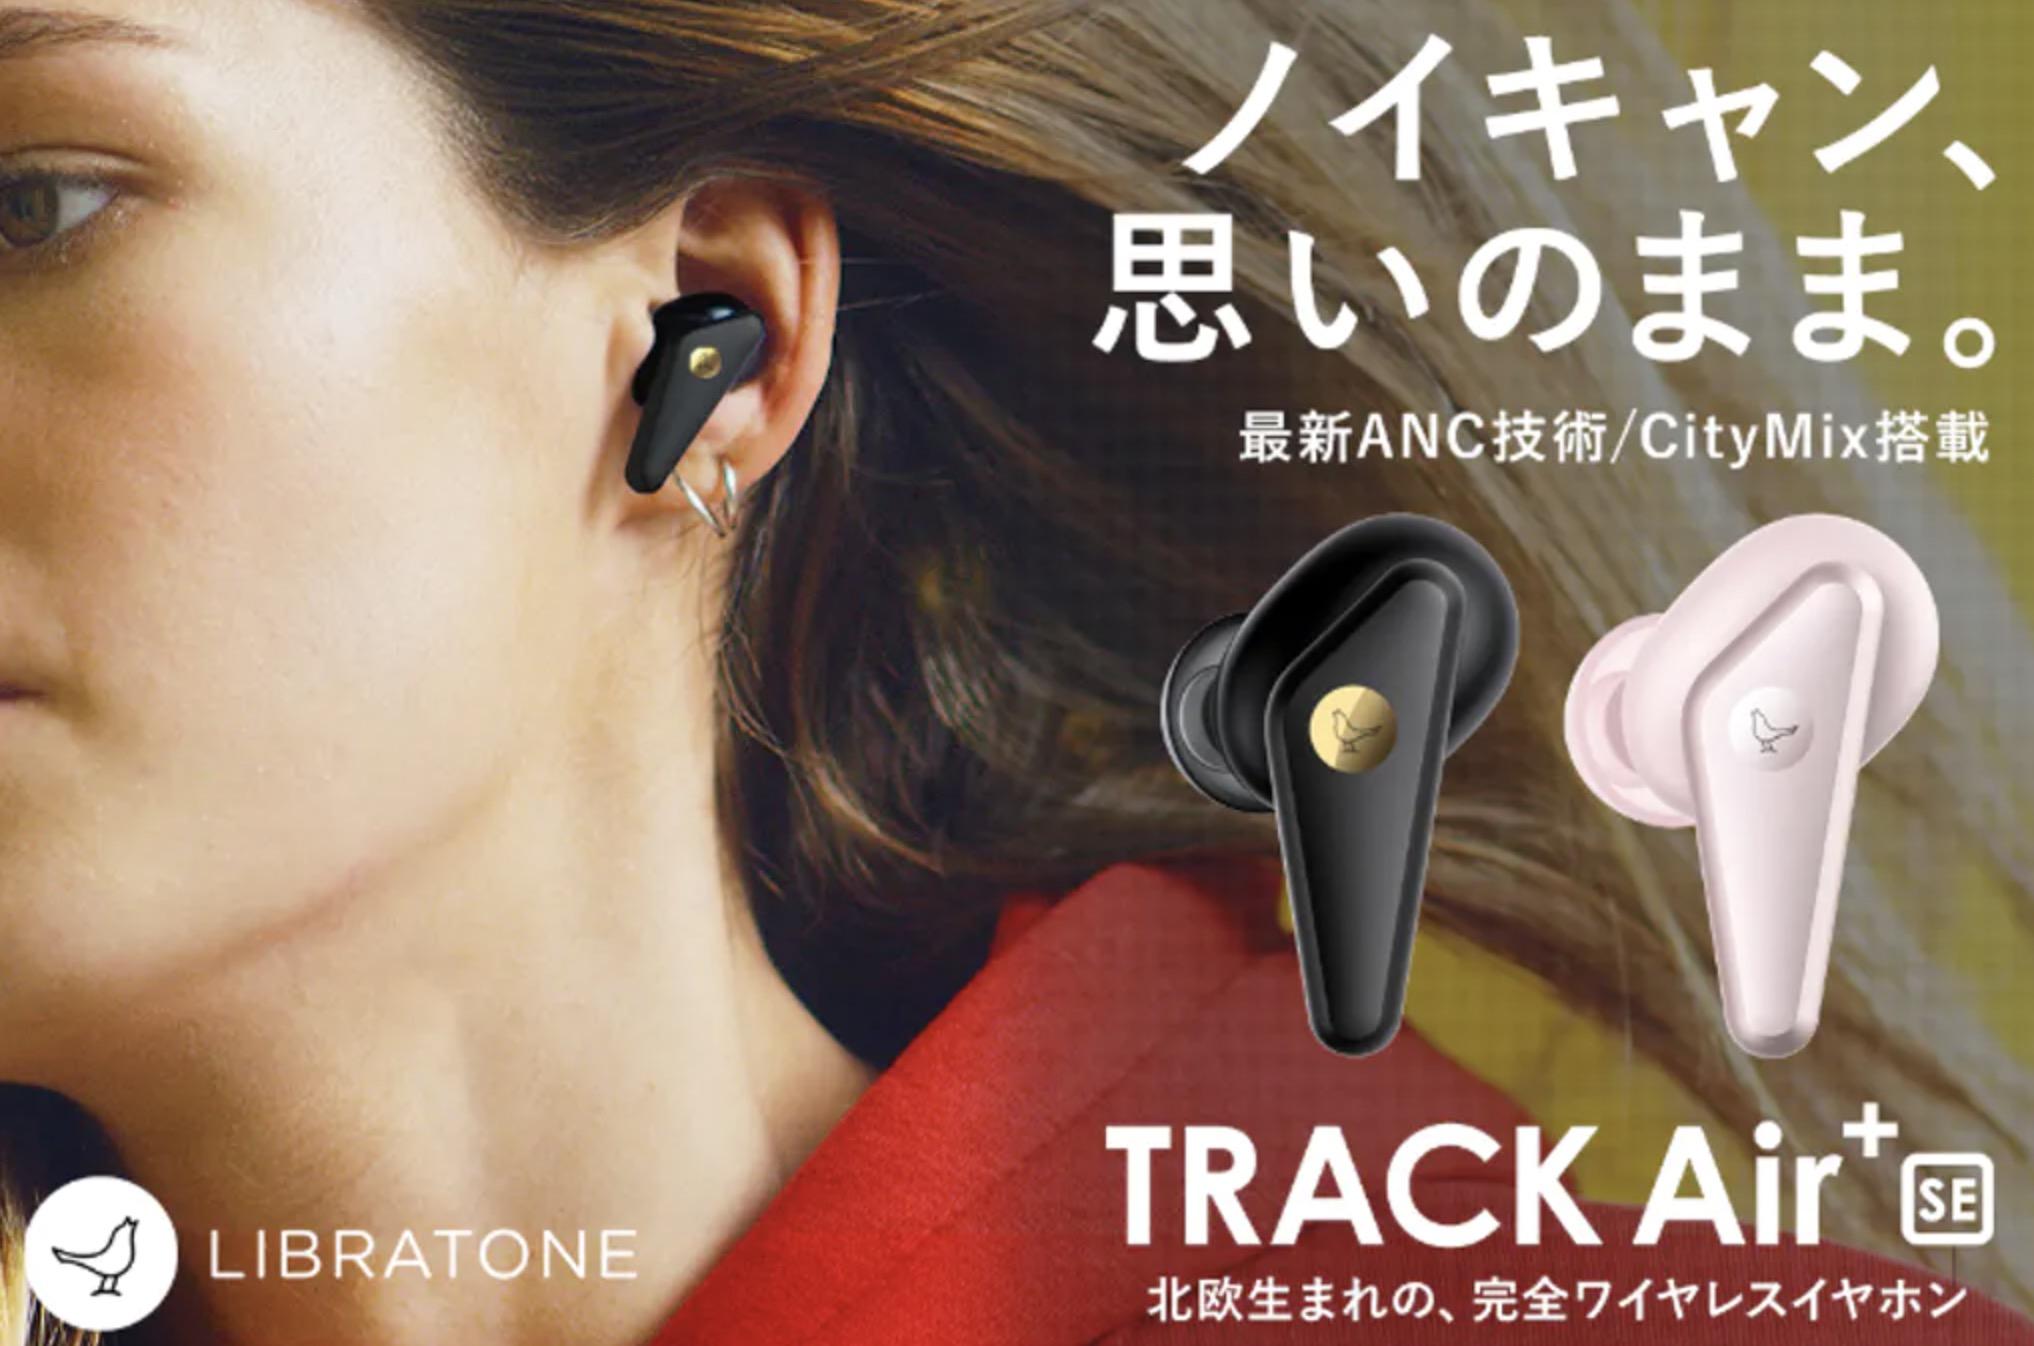 「TRACK Air+SE」とは